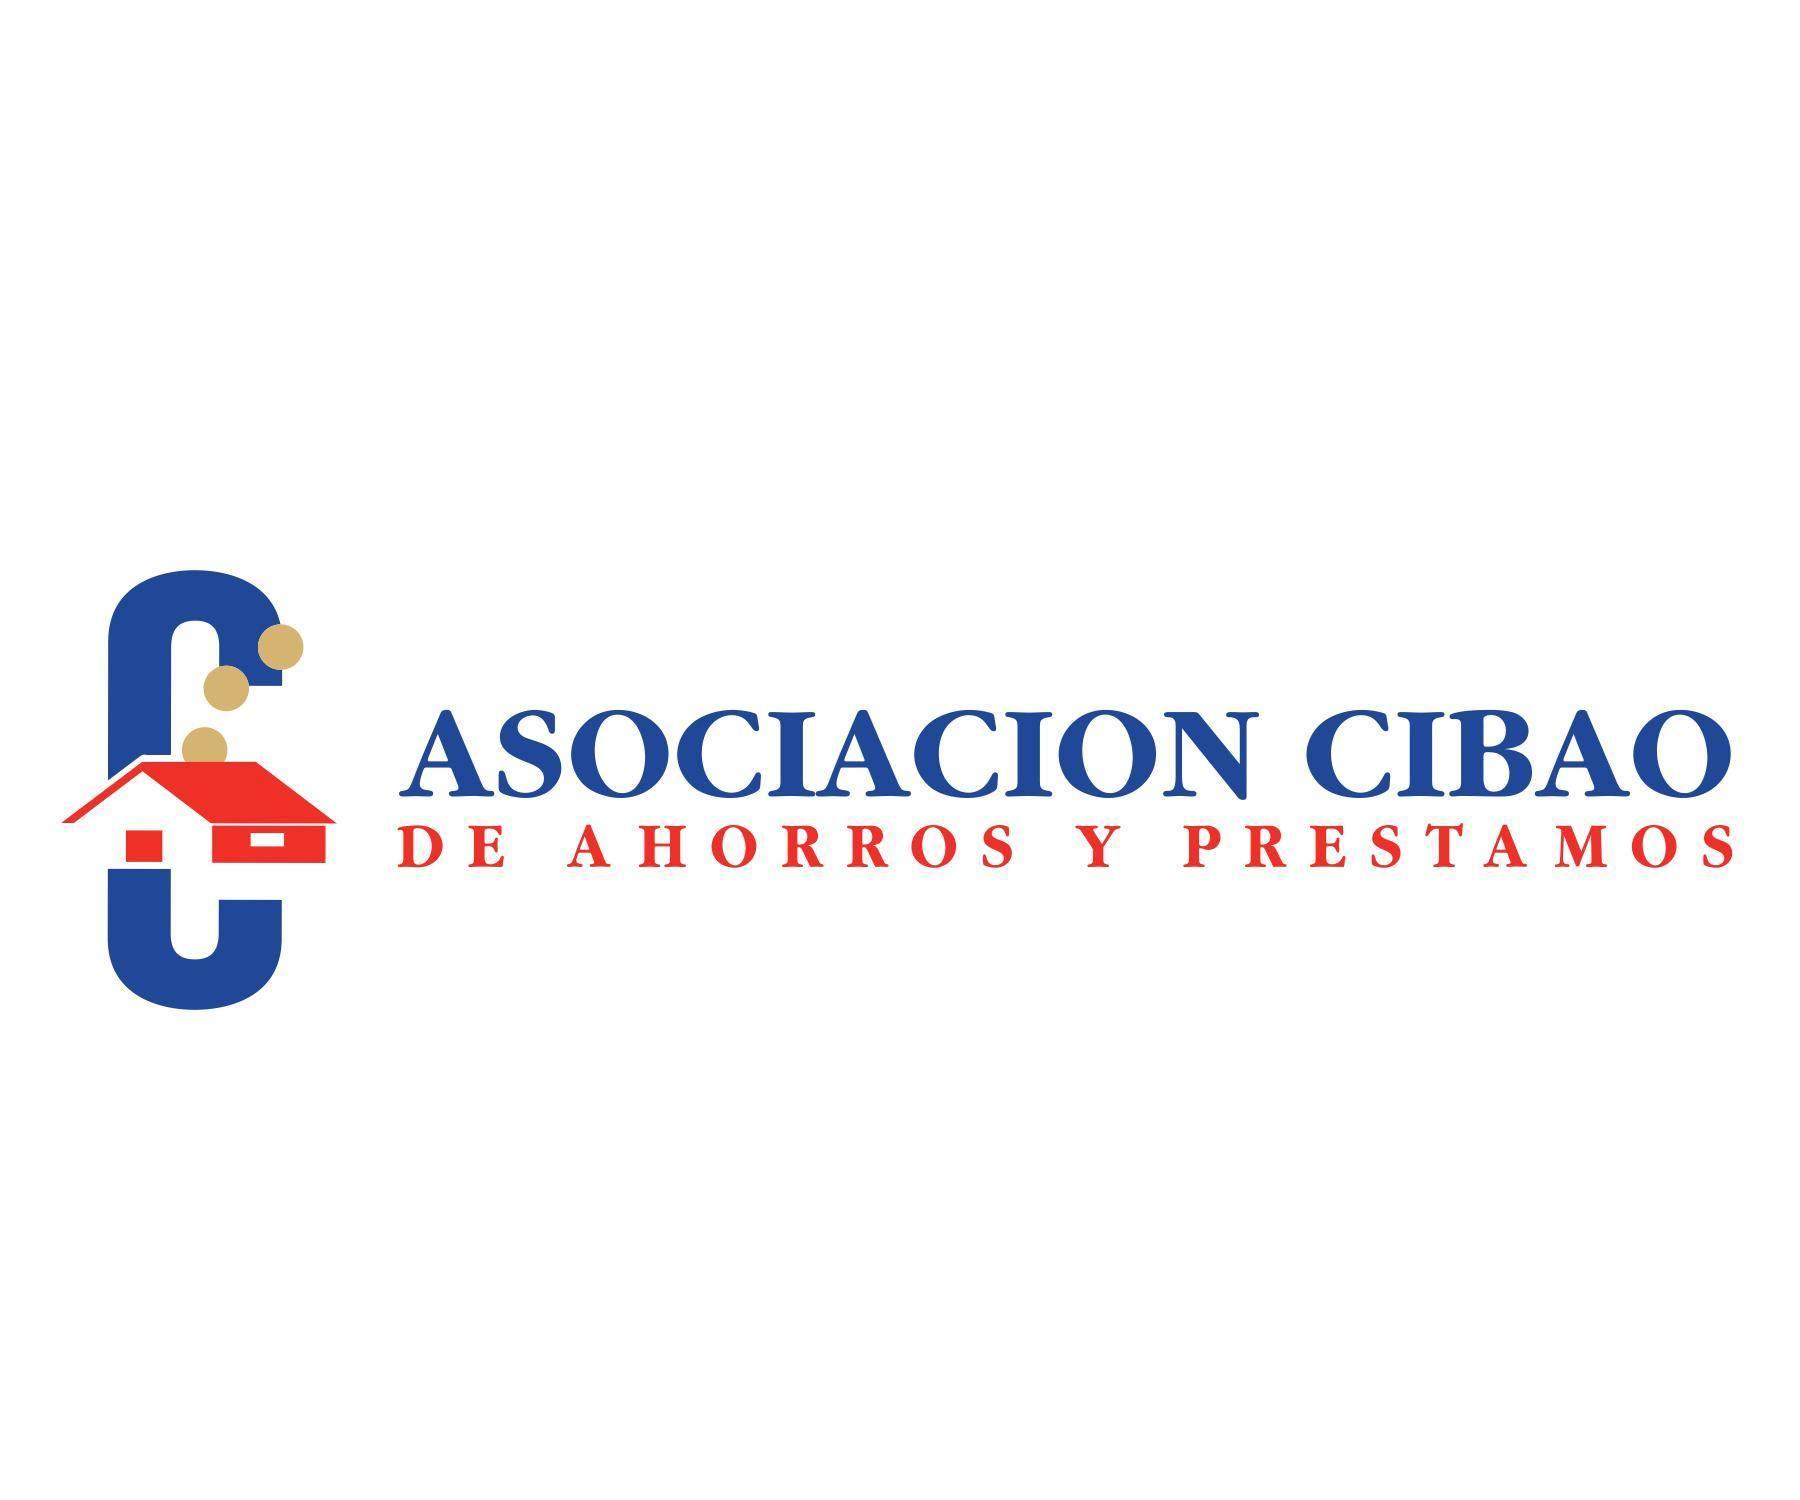 Asociación Cibao de Ahorros y Préstamos